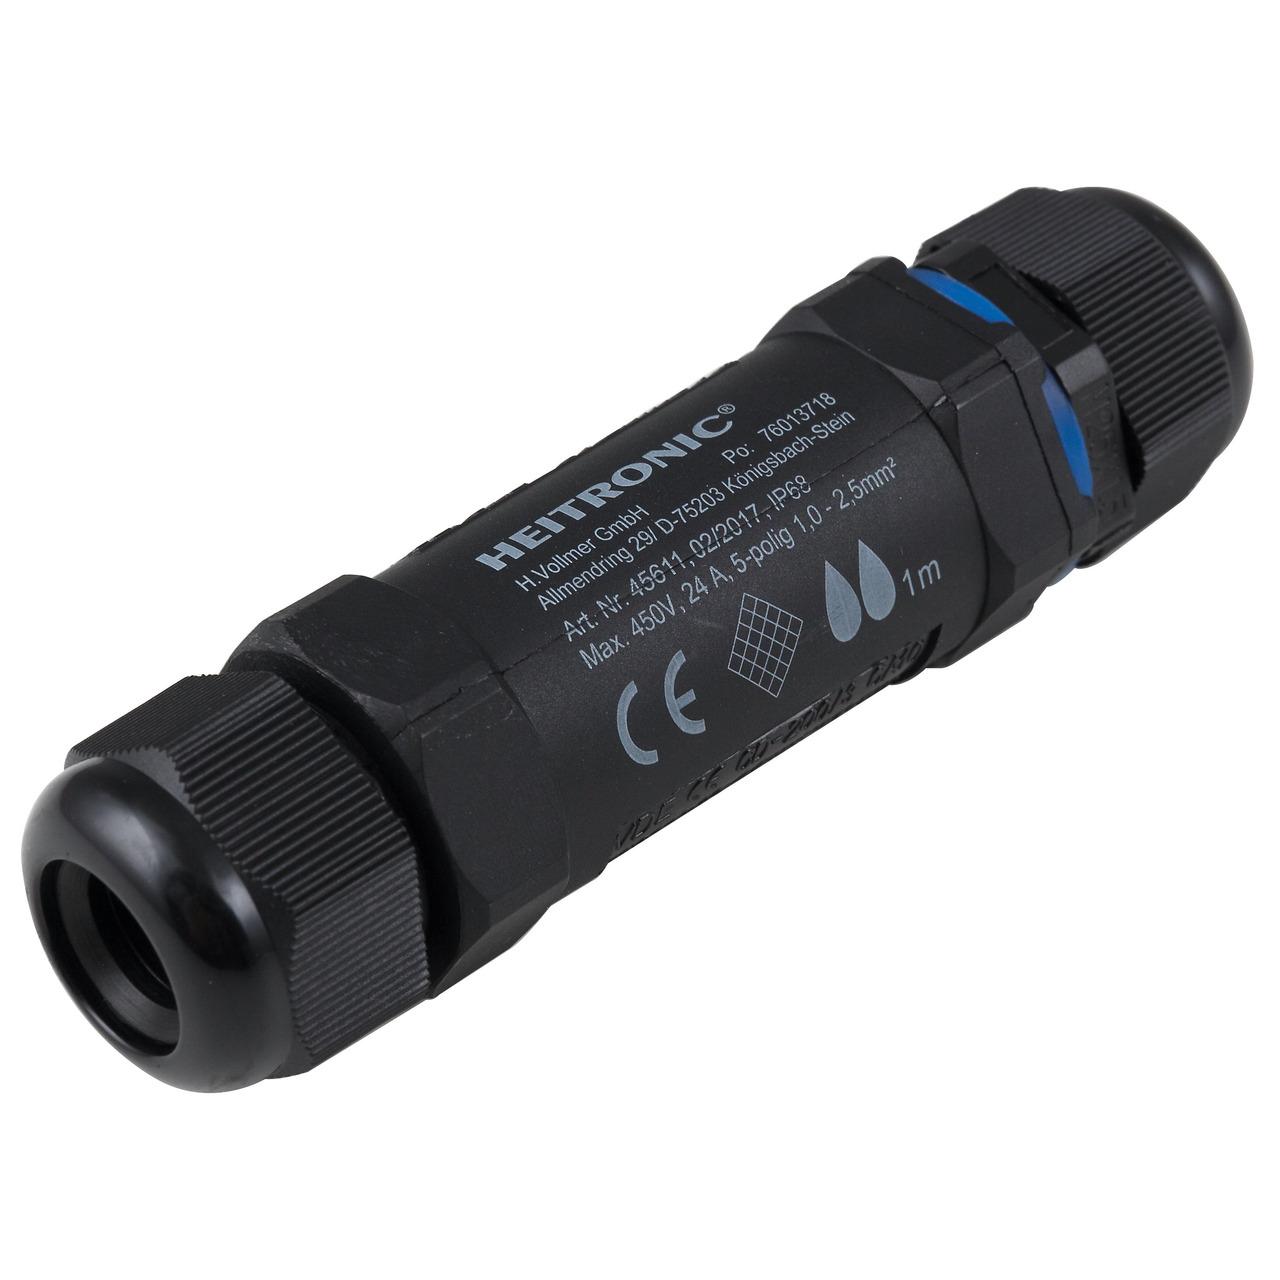 Heitronic Kabelverbinder- 5-polig- IP68- wasserdicht bis 1 m